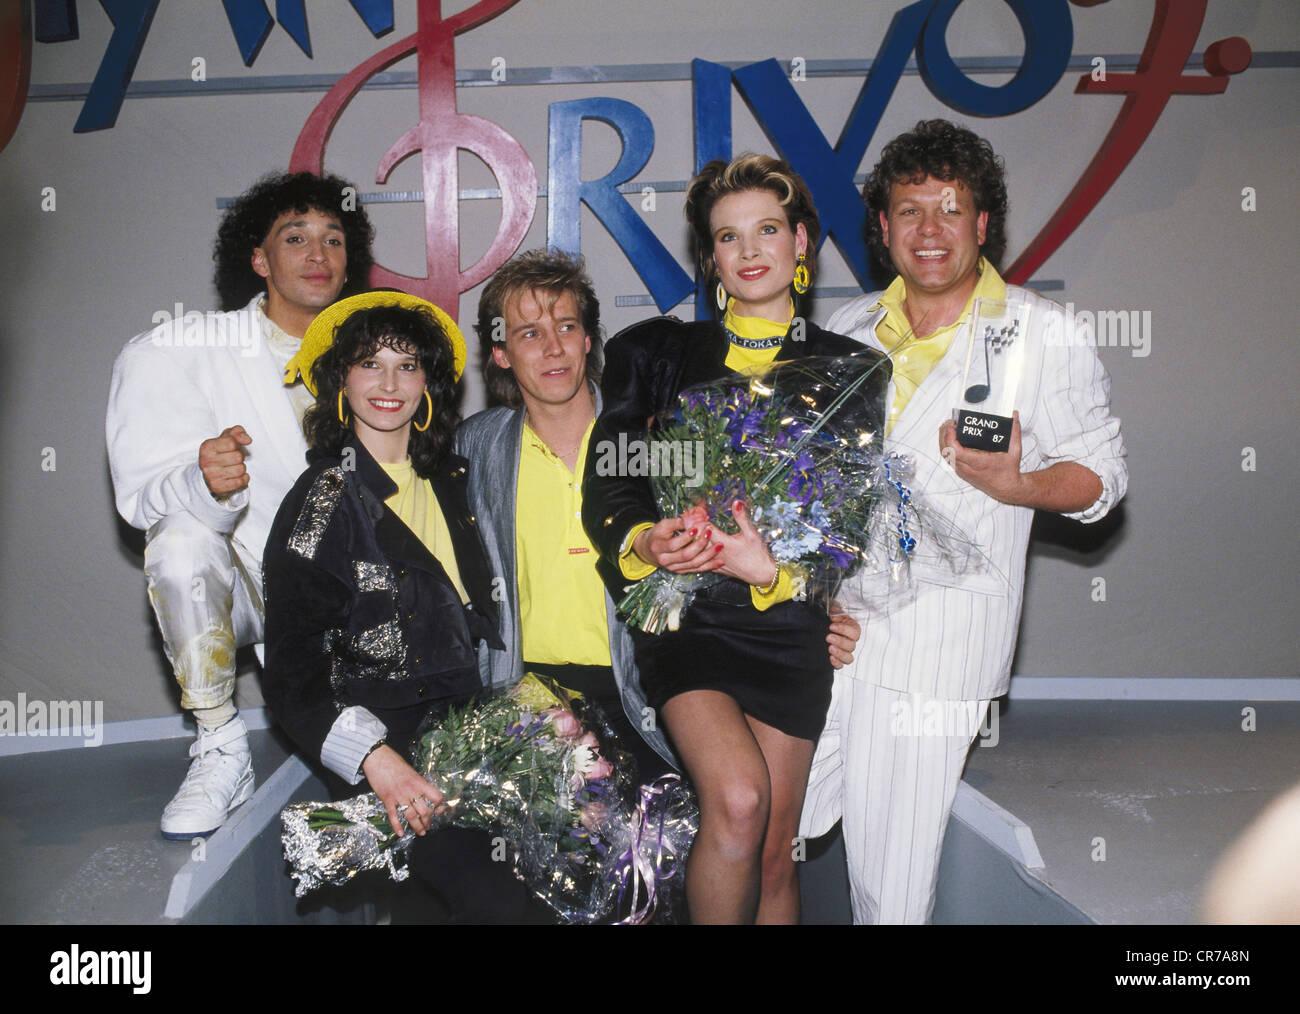 Le vent, German Schlager band, formé en 1985, photo de groupe, comme les gagnants de la finale préliminaire Photo Stock